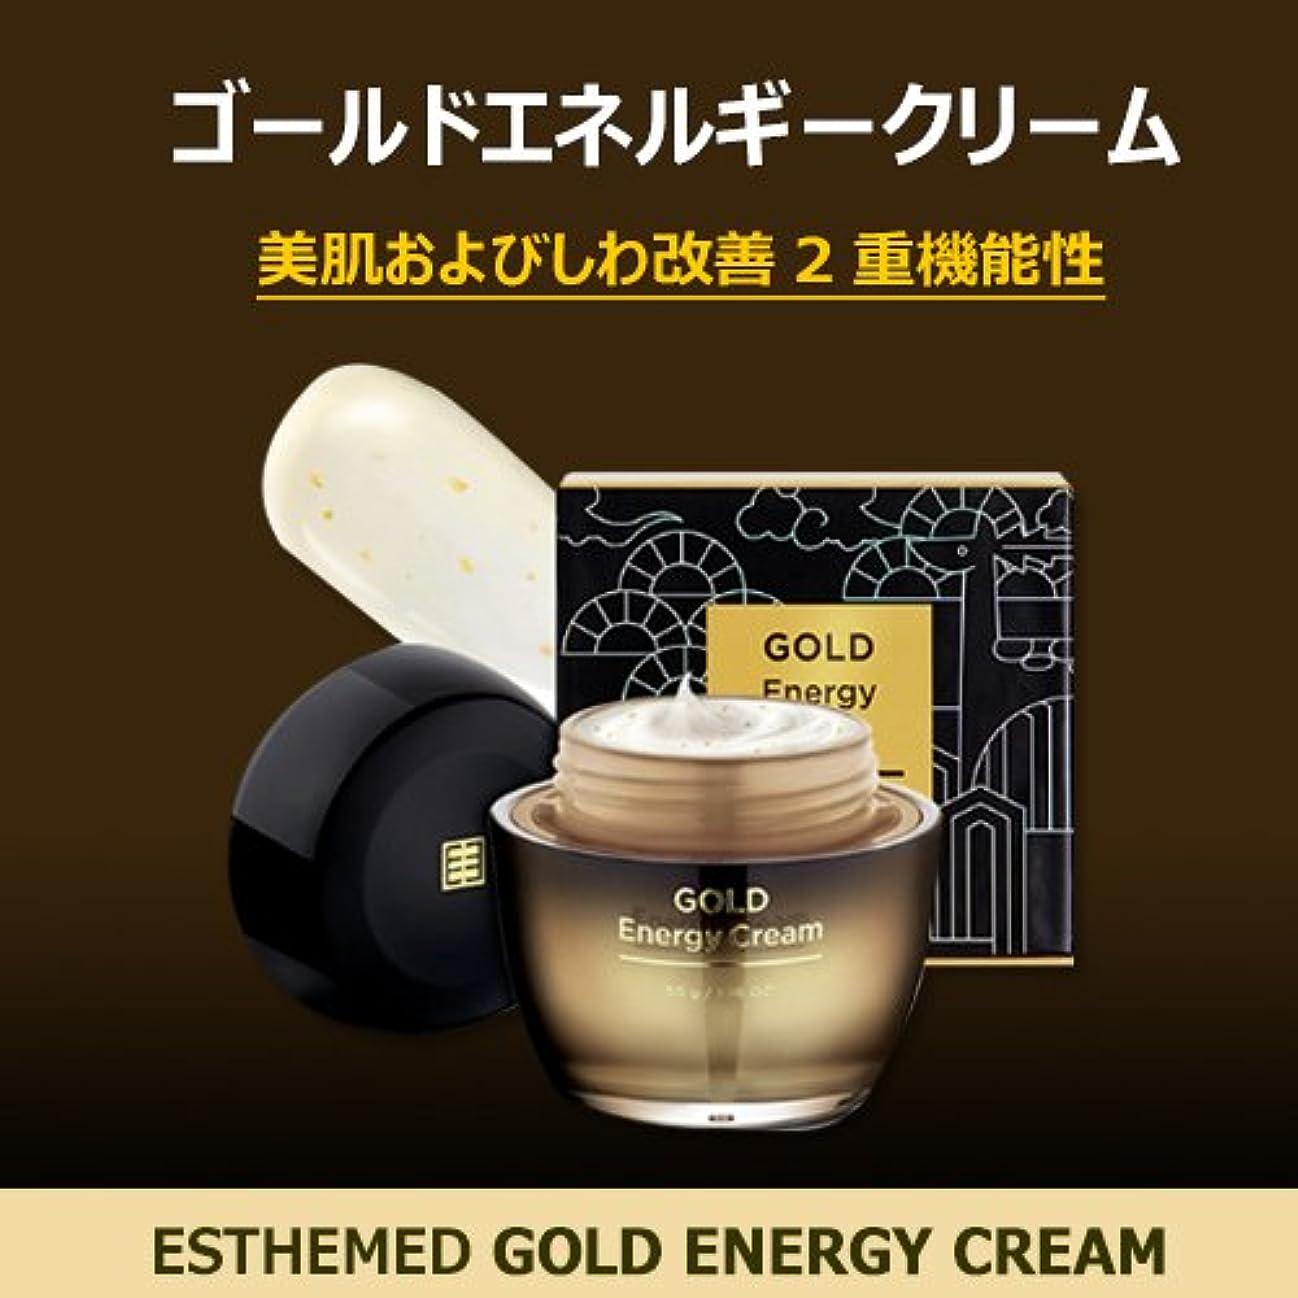 微生物電圧ライドESTHEMED 【NEW!! エステメドゴールドエネルギークリーム】ESTHEMED GOLD Energy Cream 50g